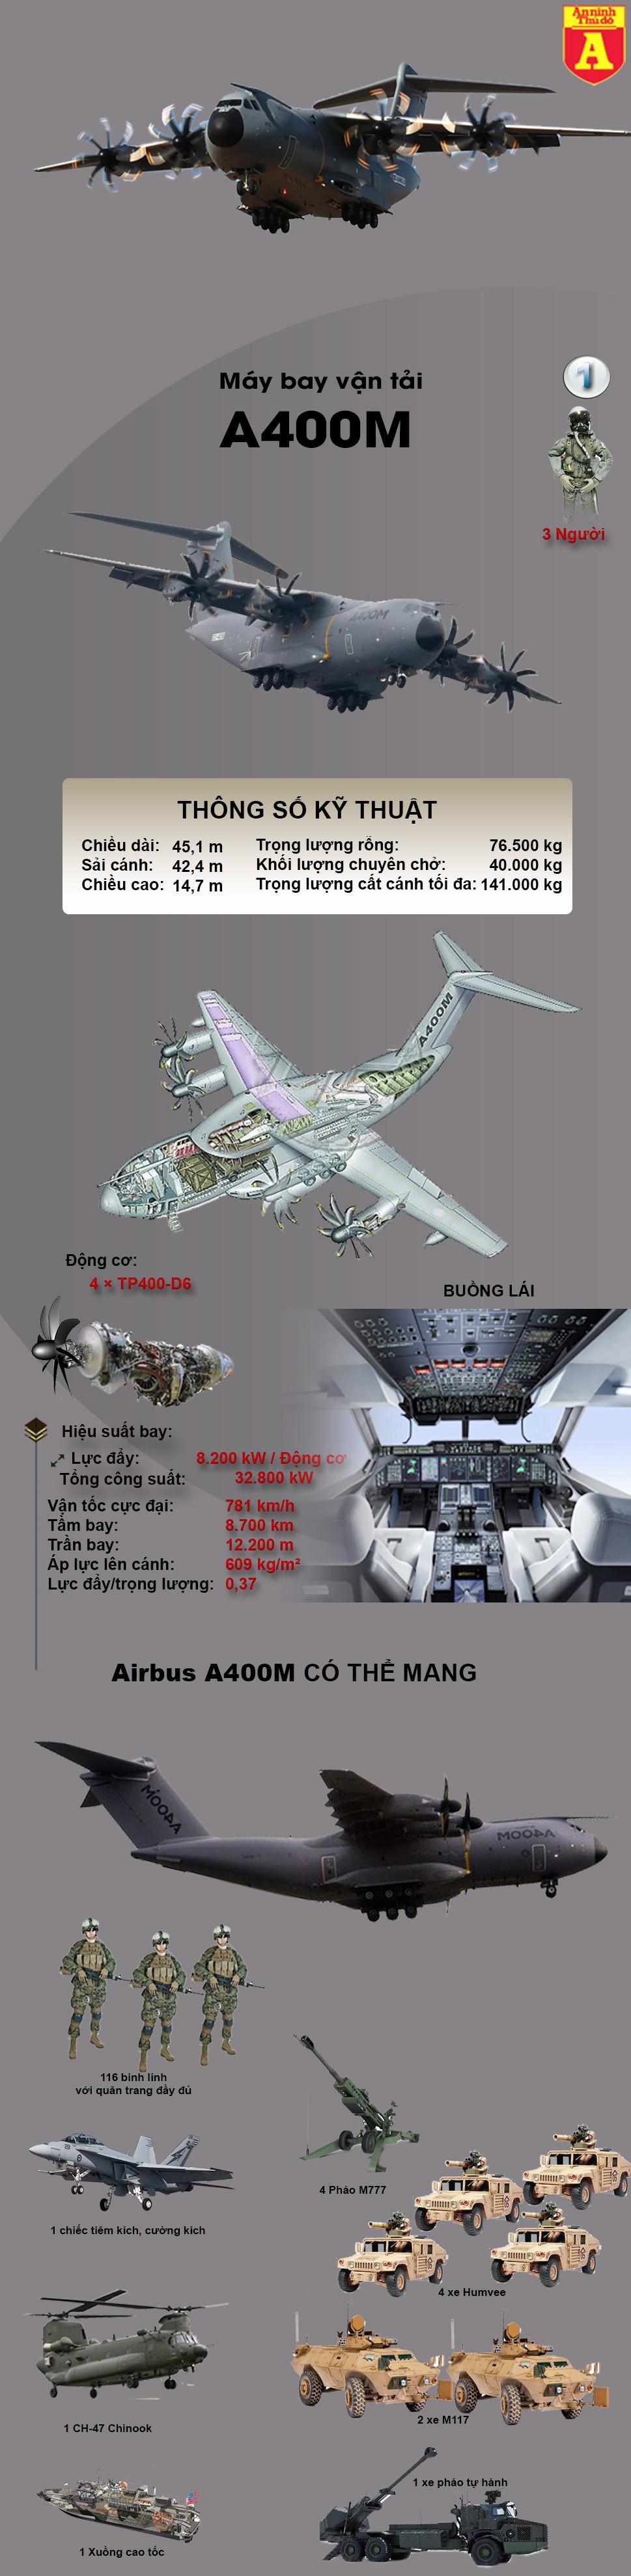 [Infographic] Lực sĩ bầu trời Châu Âu đánh bại C-130 Mỹ và IL-76 Nga ảnh 2